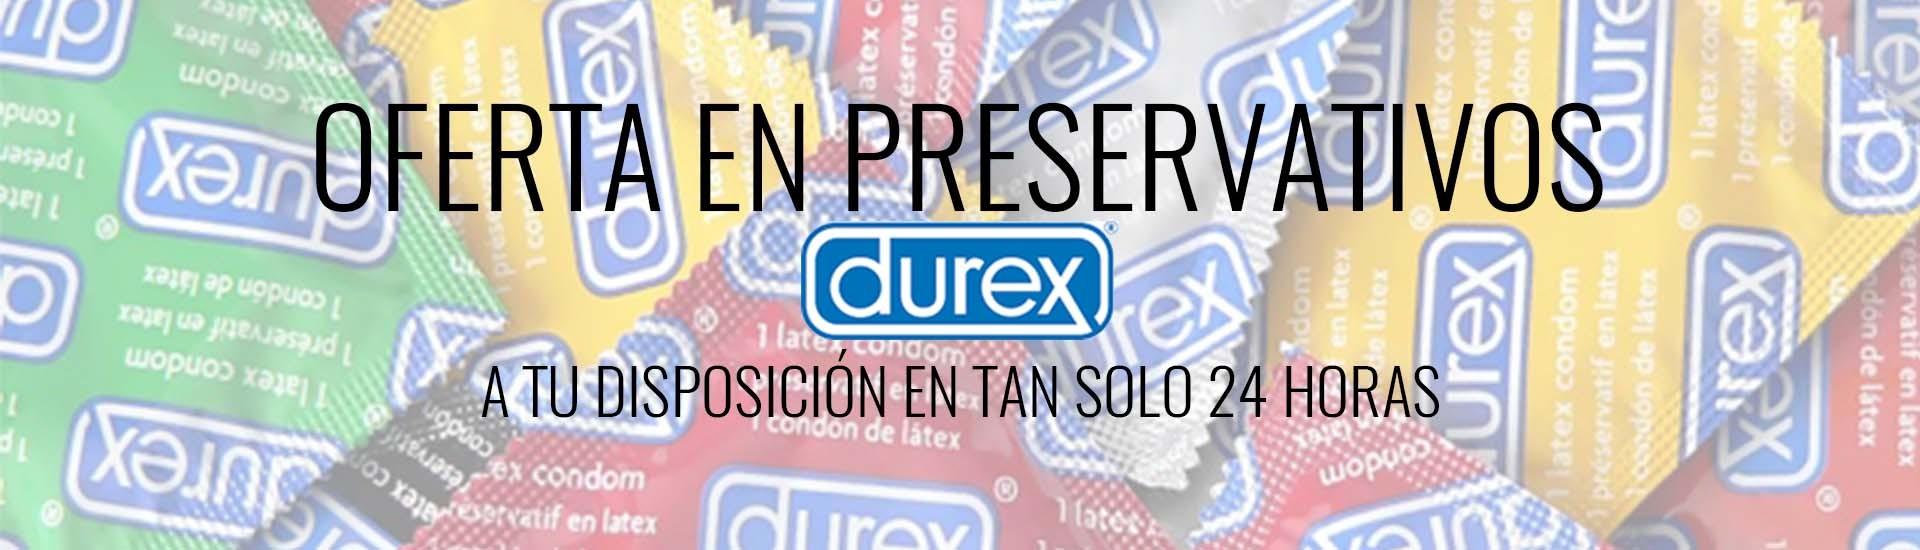 Nuevos artículos Durex en oferta